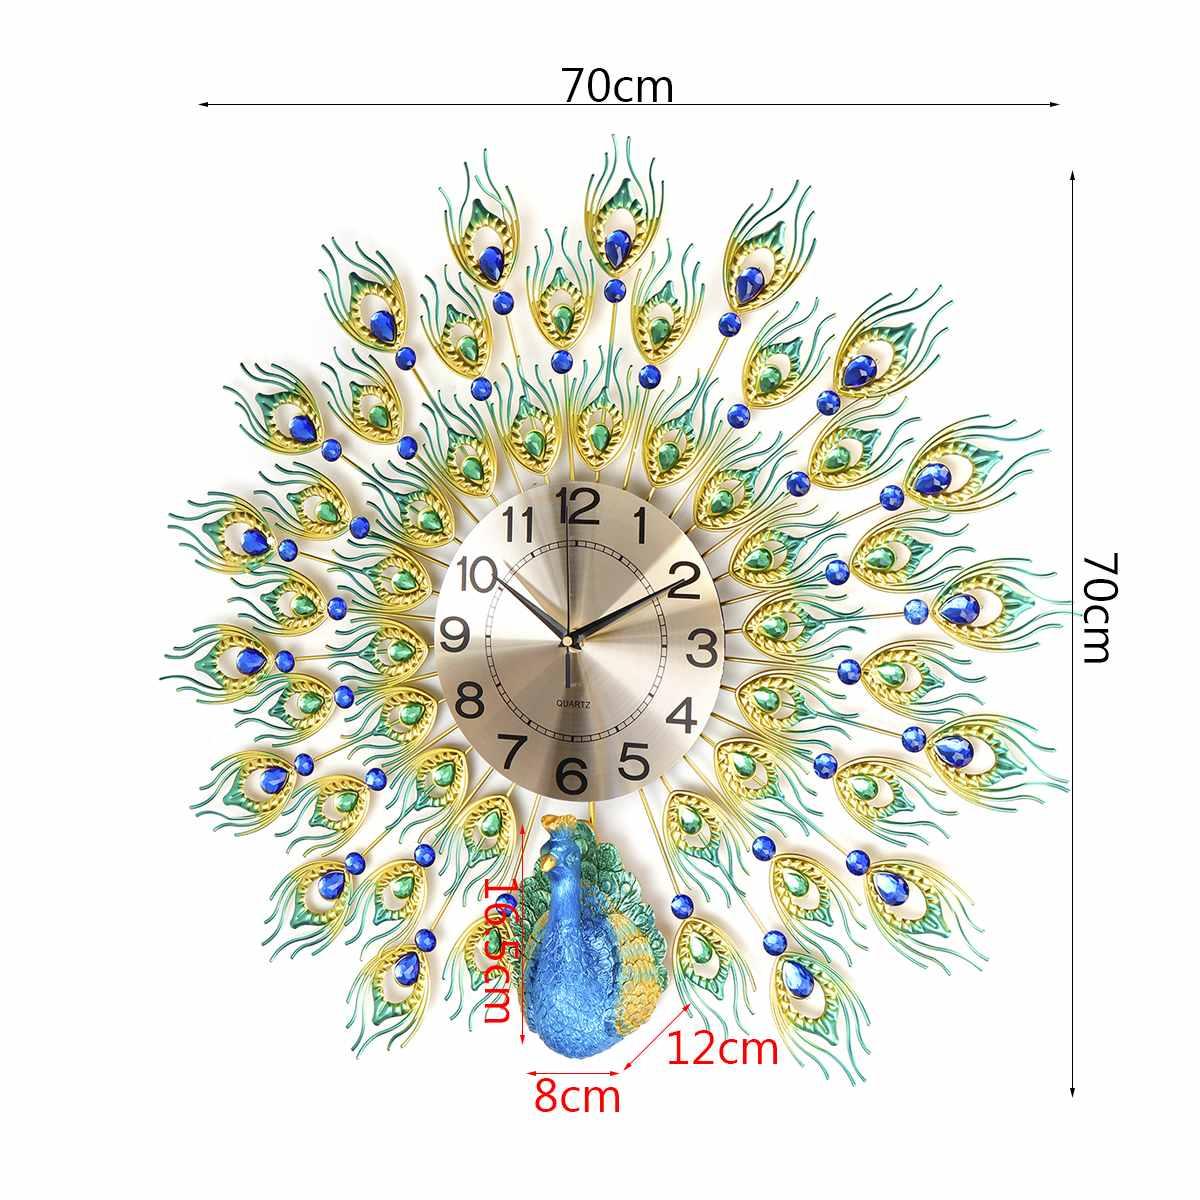 70x70cm bricolage 3D grand paon horloge murale en métal cristal diamant horloges montre ornements maison salon décoration artisanat cadeau - 3